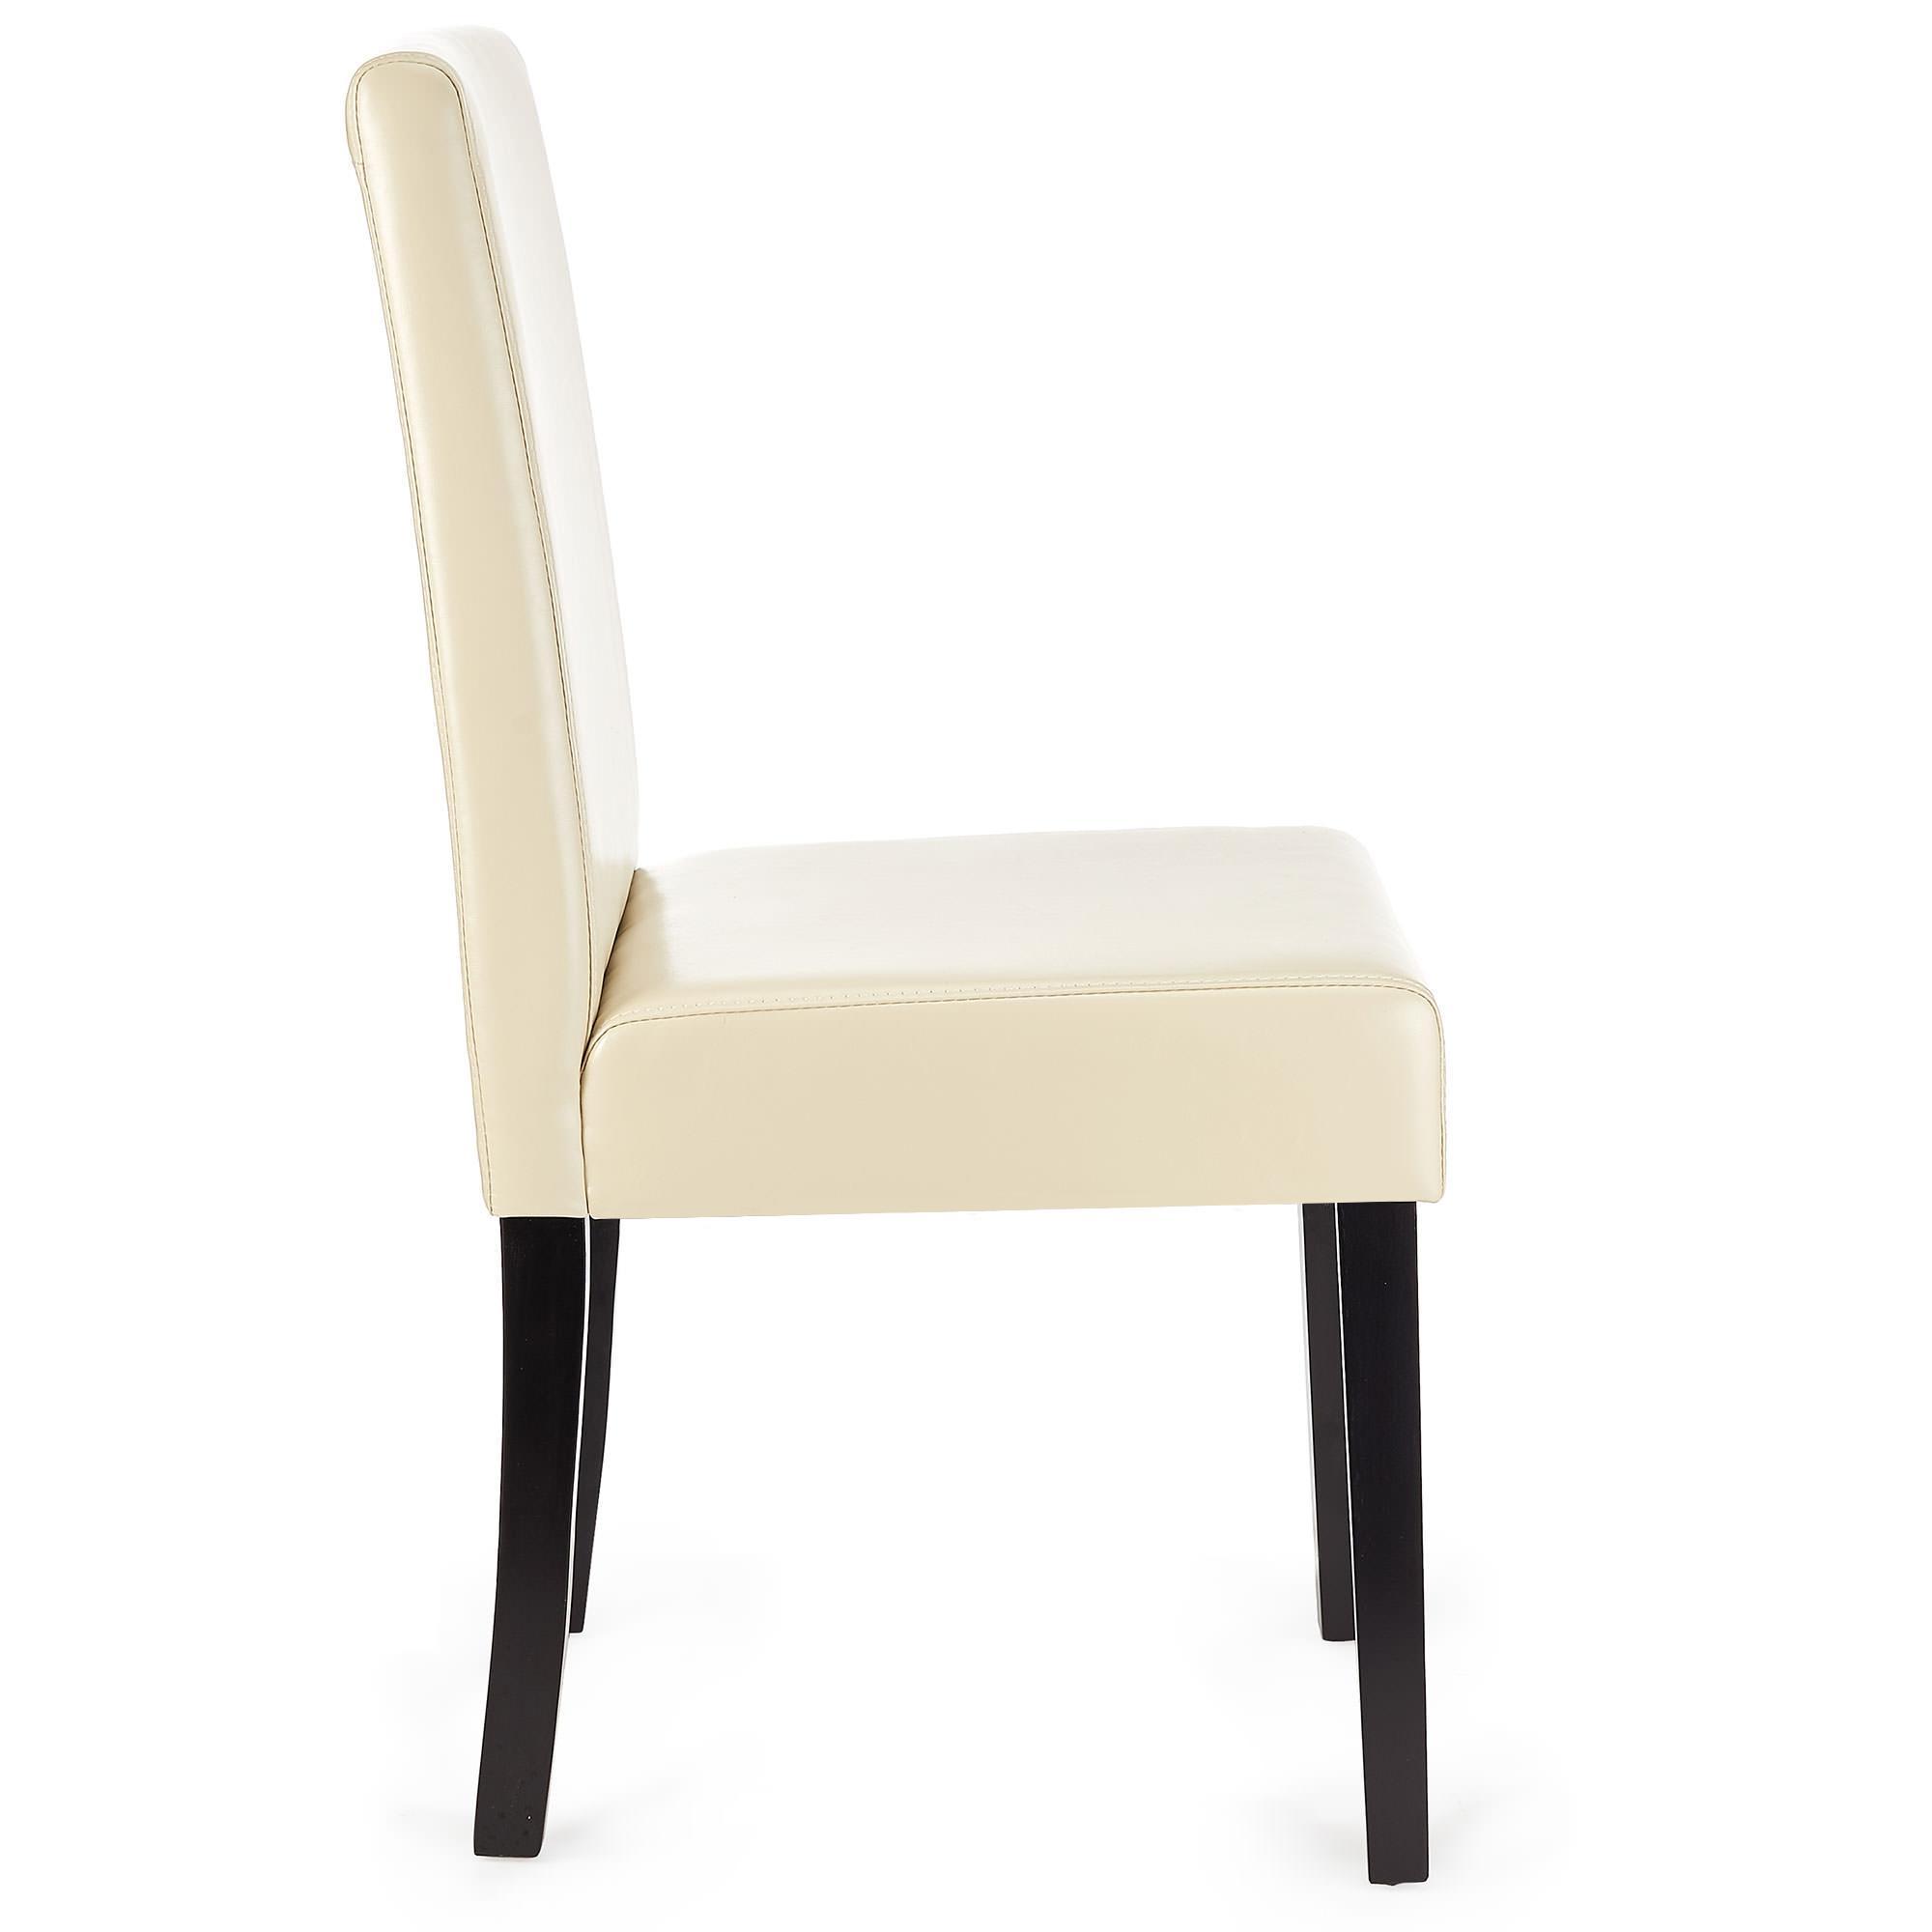 Lote 6 sillas m01 madera y polipiel crema patas oscuras for Comedor de madera 6 sillas